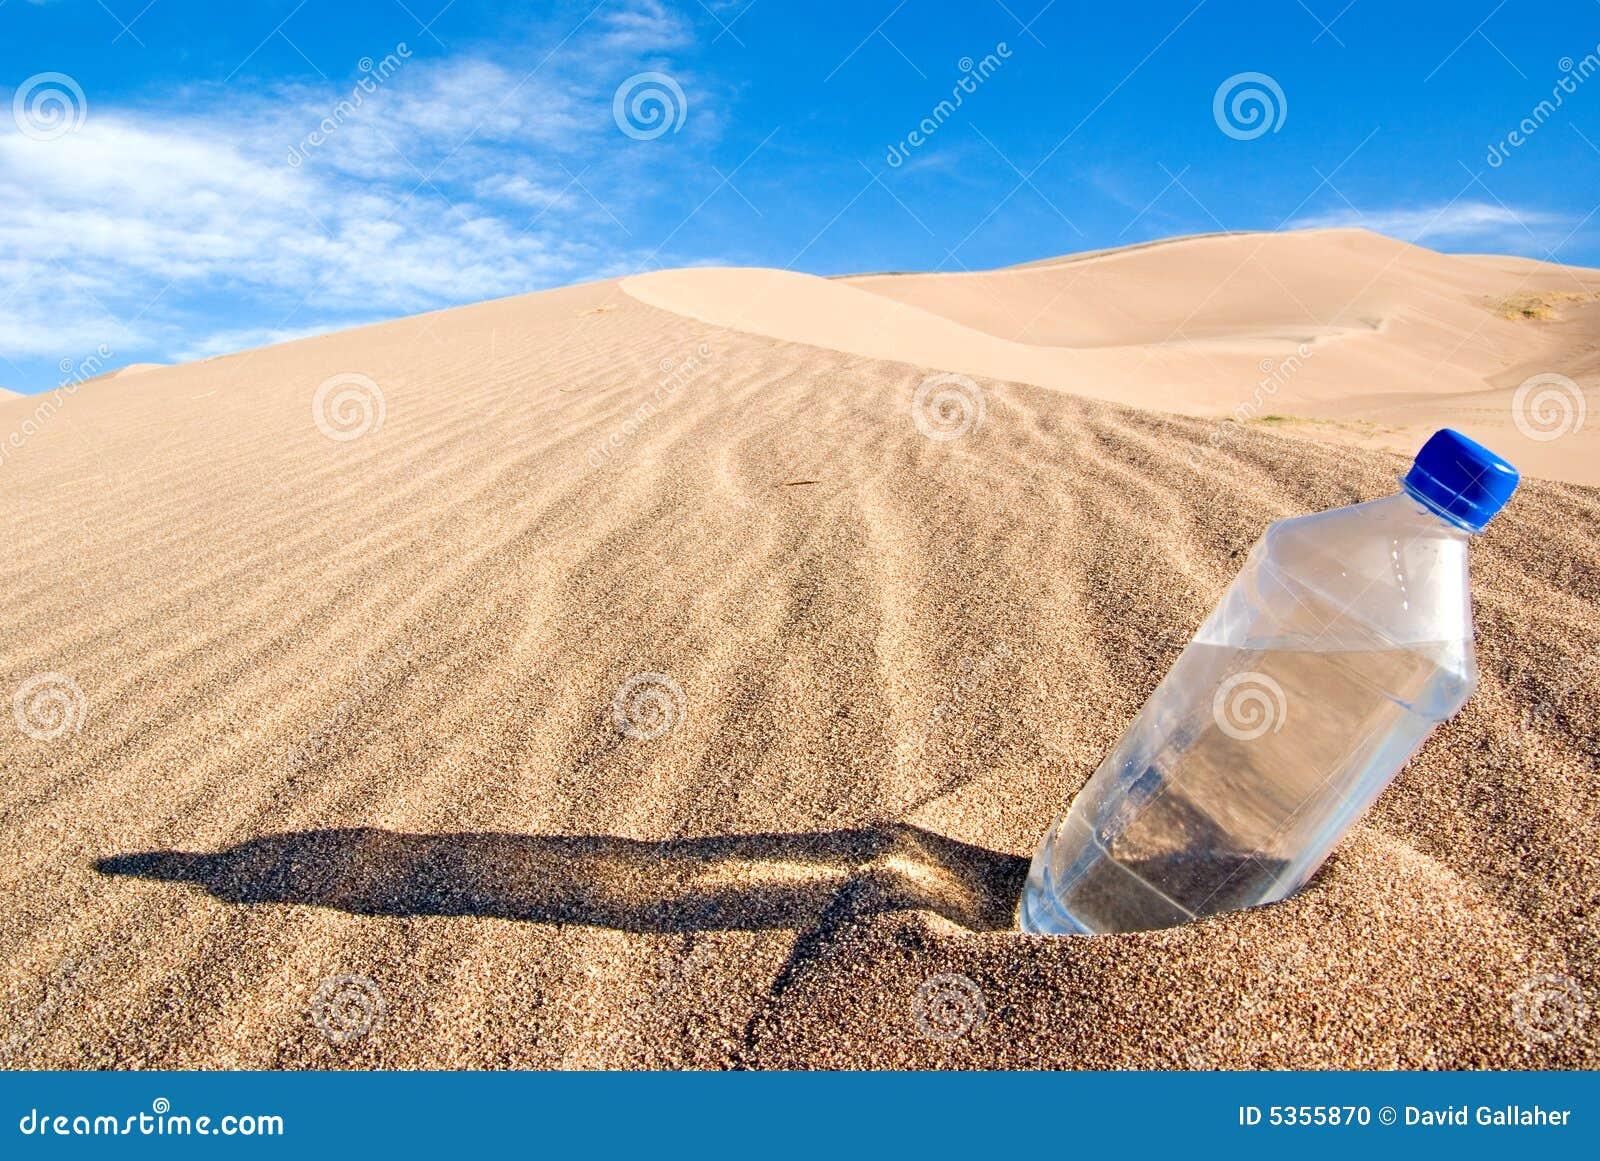 Bottle Of Water In Desert Stock Photo - Image: 5355870